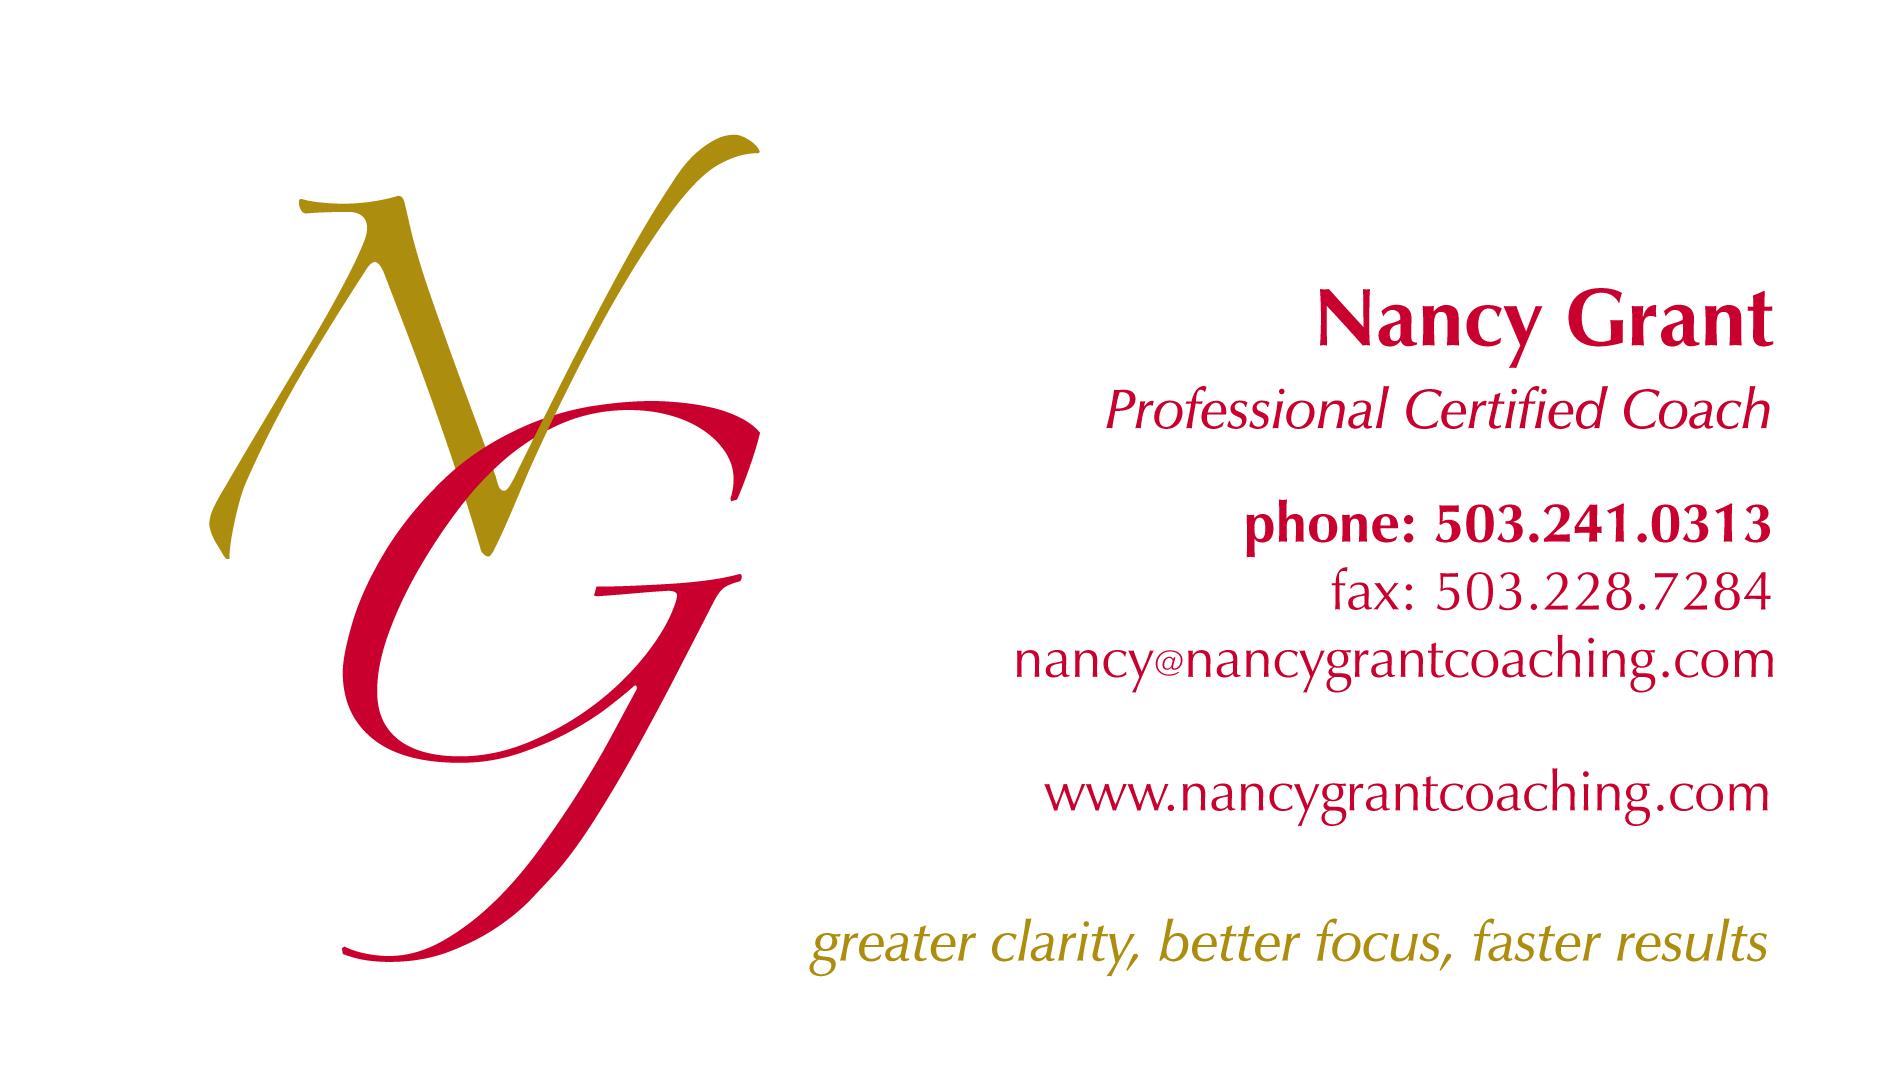 yt_cards-NG.jpg